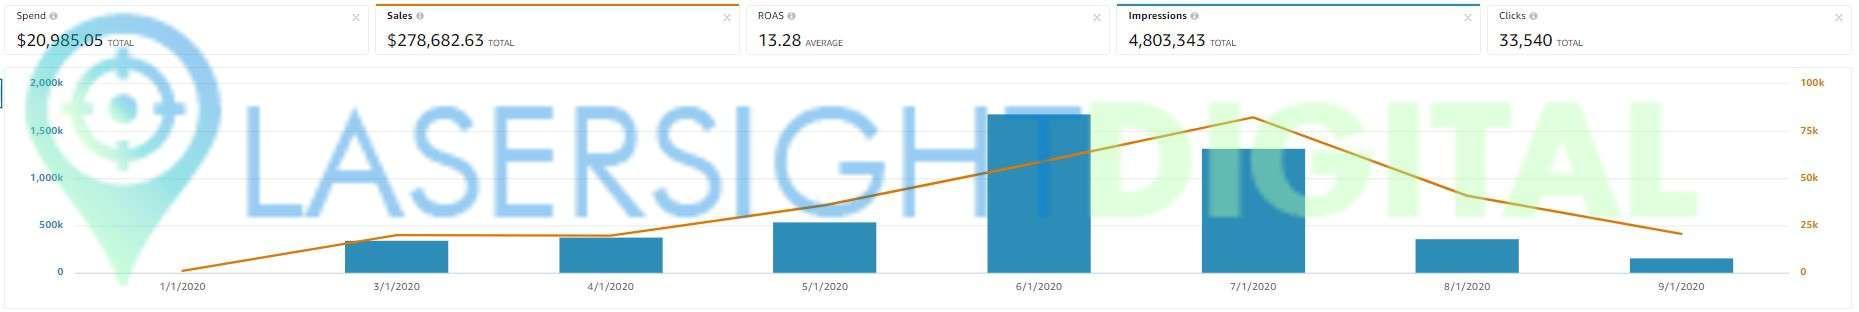 2020 - sales =$278.7k - spend=$20.9k - ROAS =13.28x